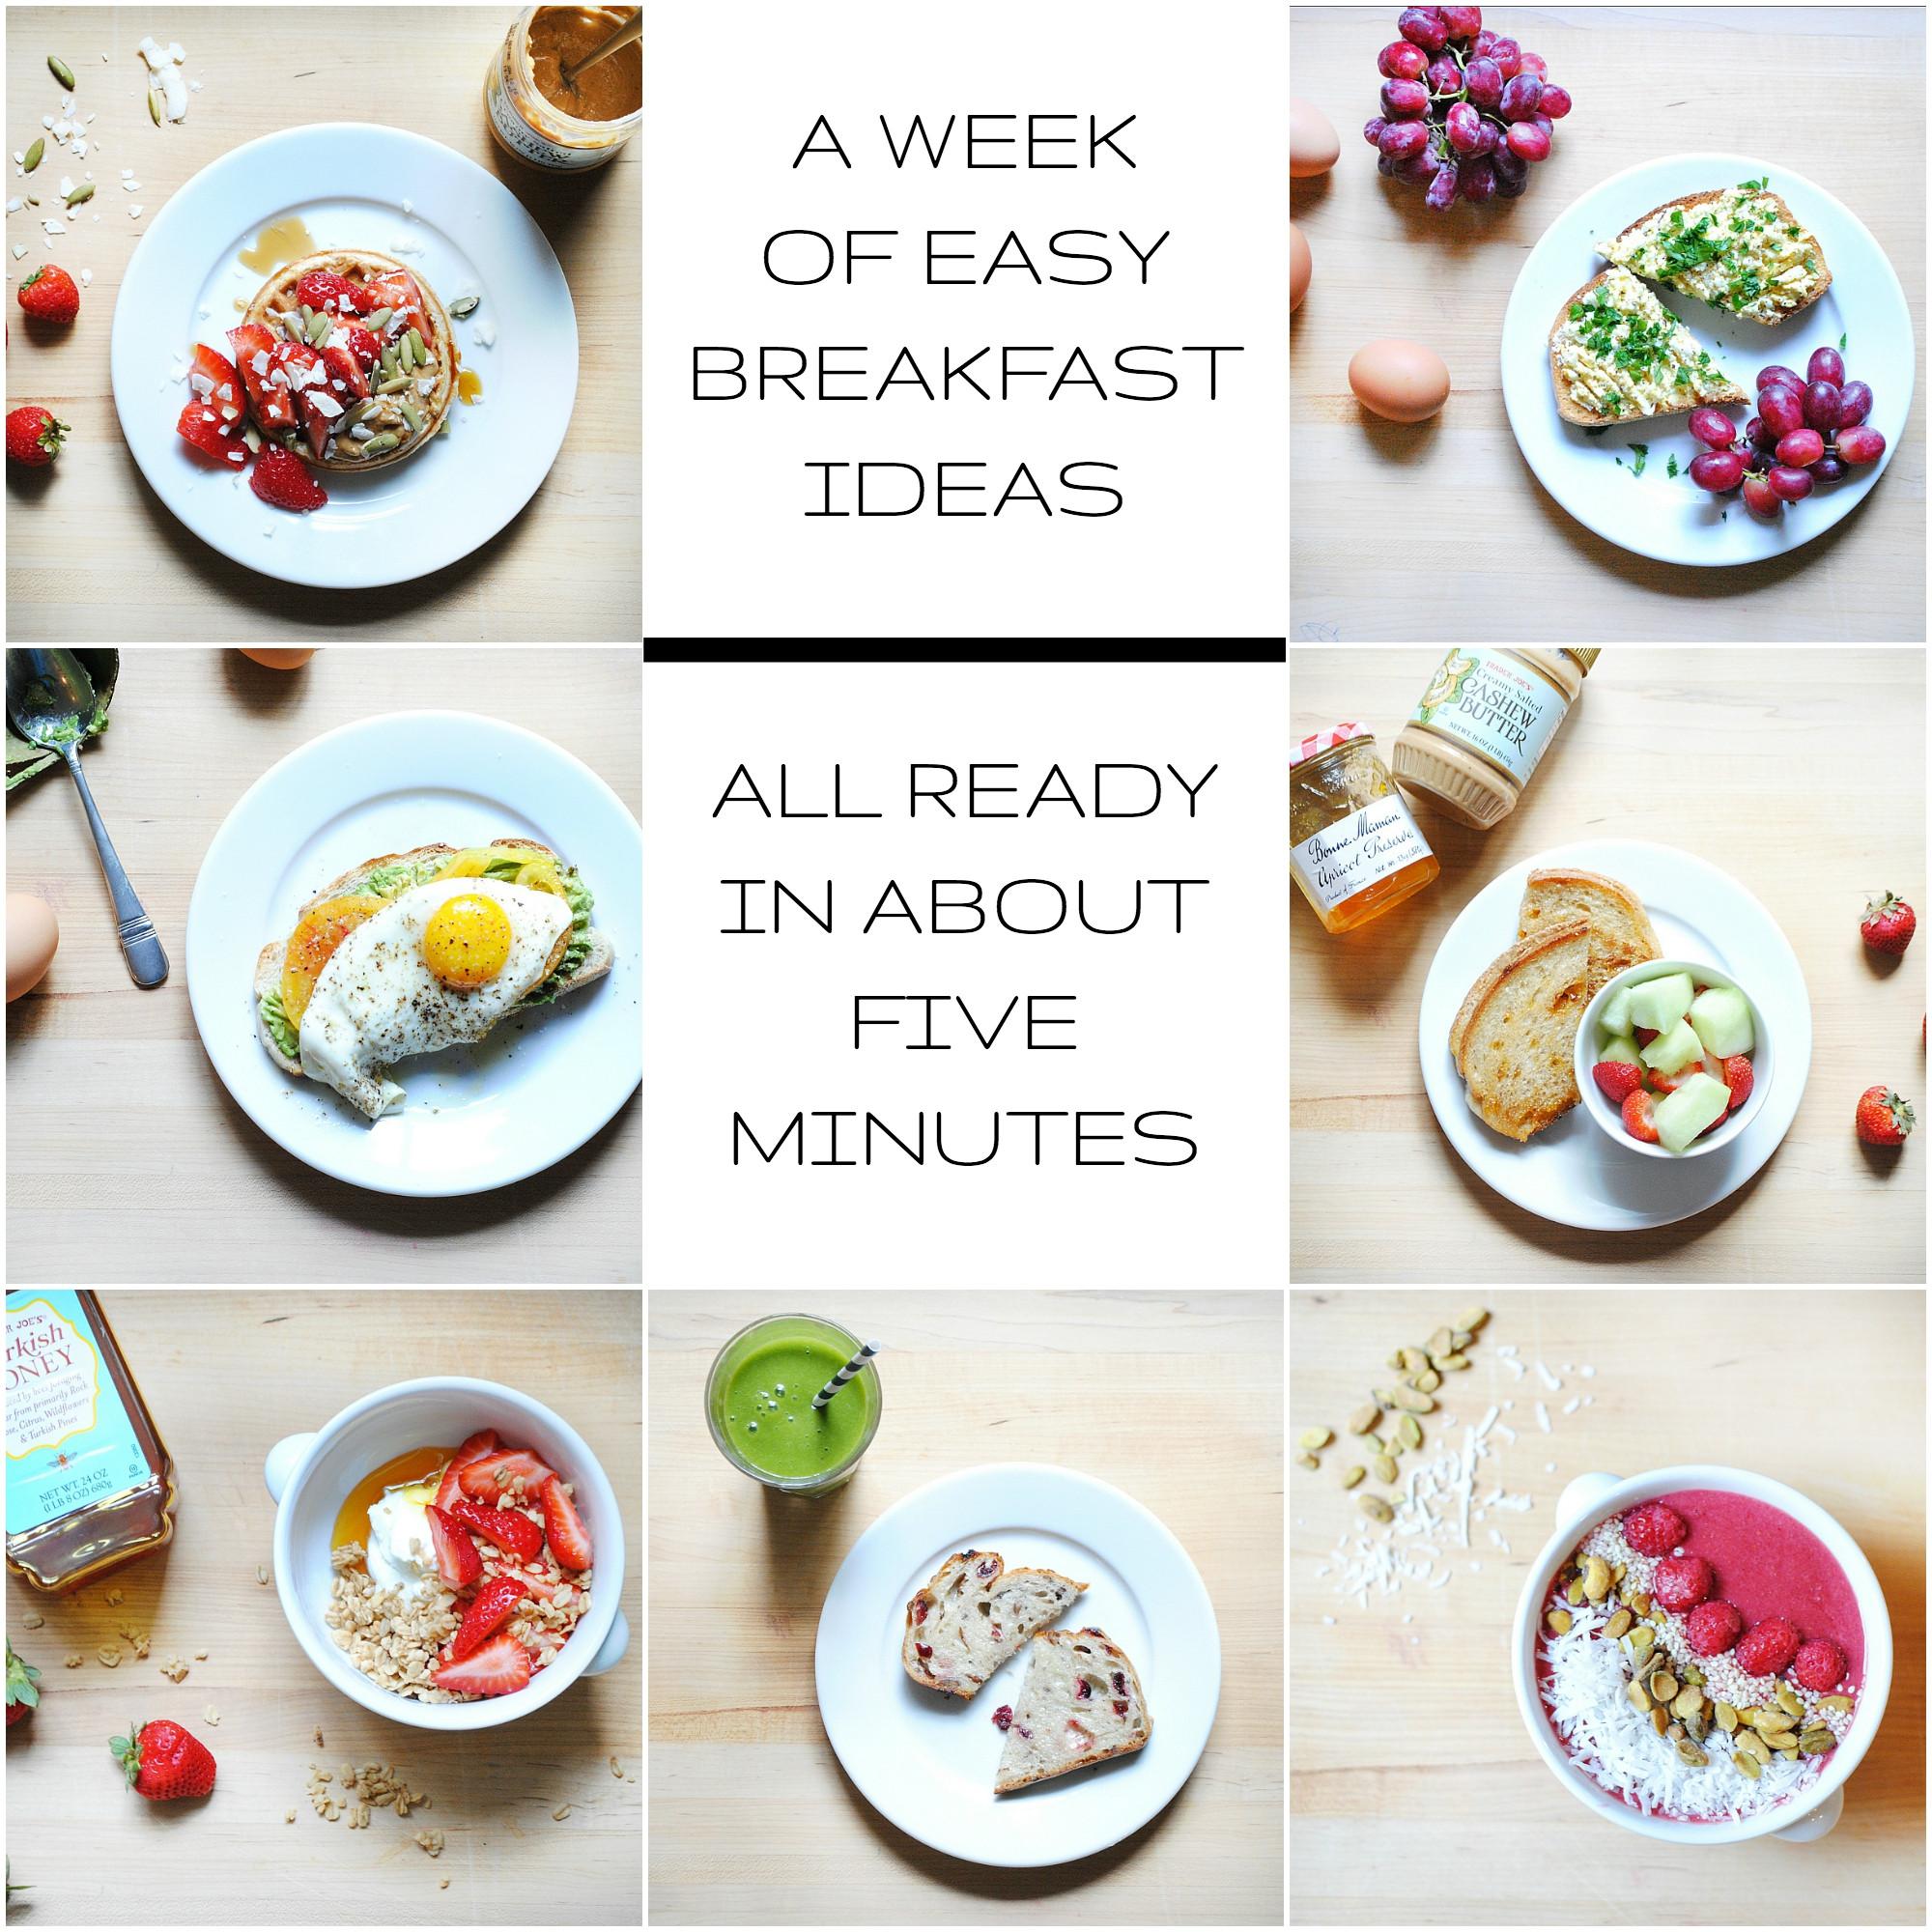 Healthy Quick Breakfast Ideas  A Week of Healthy Easy Breakfast Ideas All Ready in